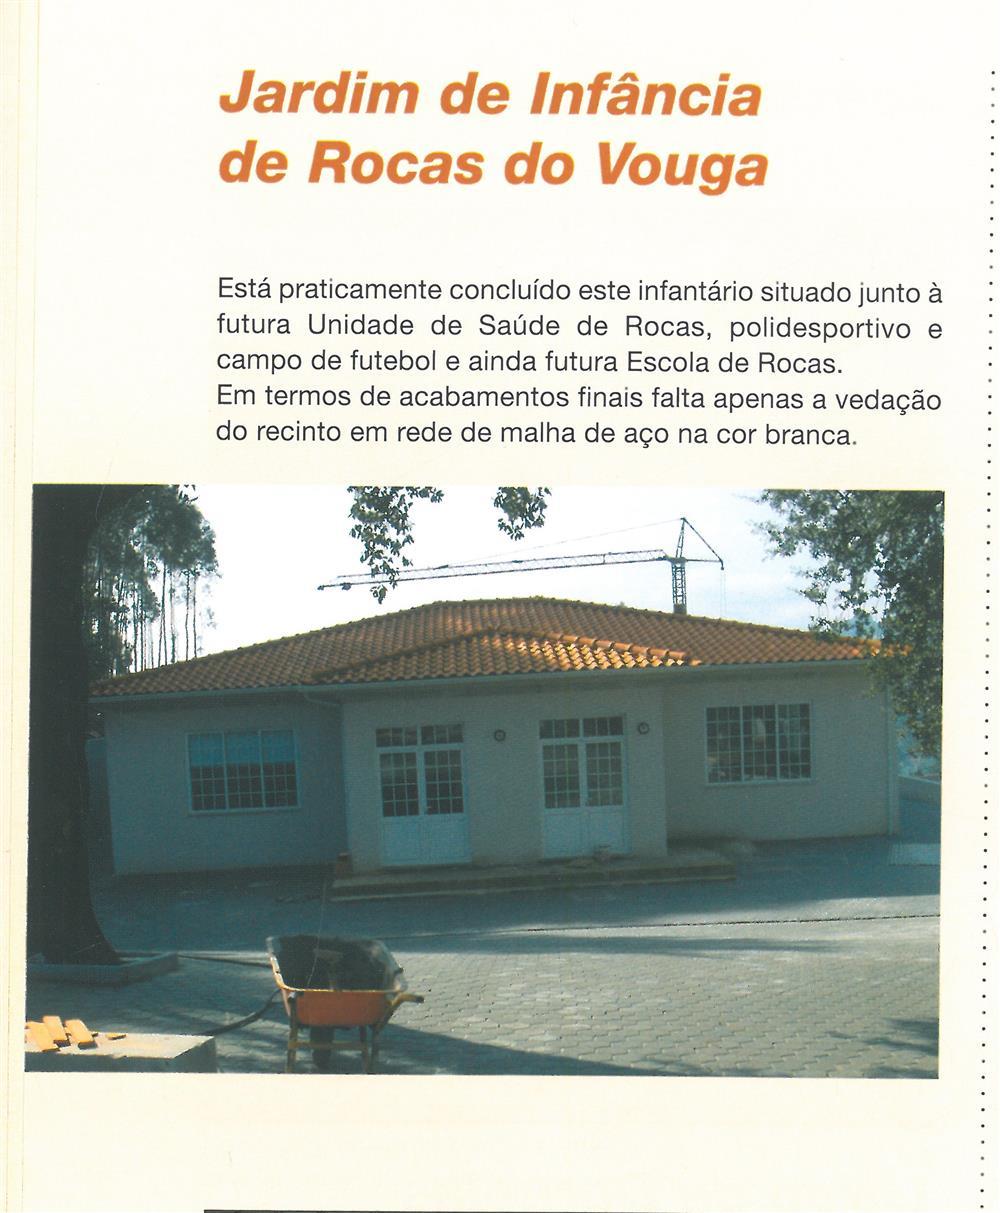 BoletimMunicipal-n.º 21-mar.'07-p.6-Obras Municipais : Obras Públicas : Jardim de Infância de Rocas do Vouga.jpg